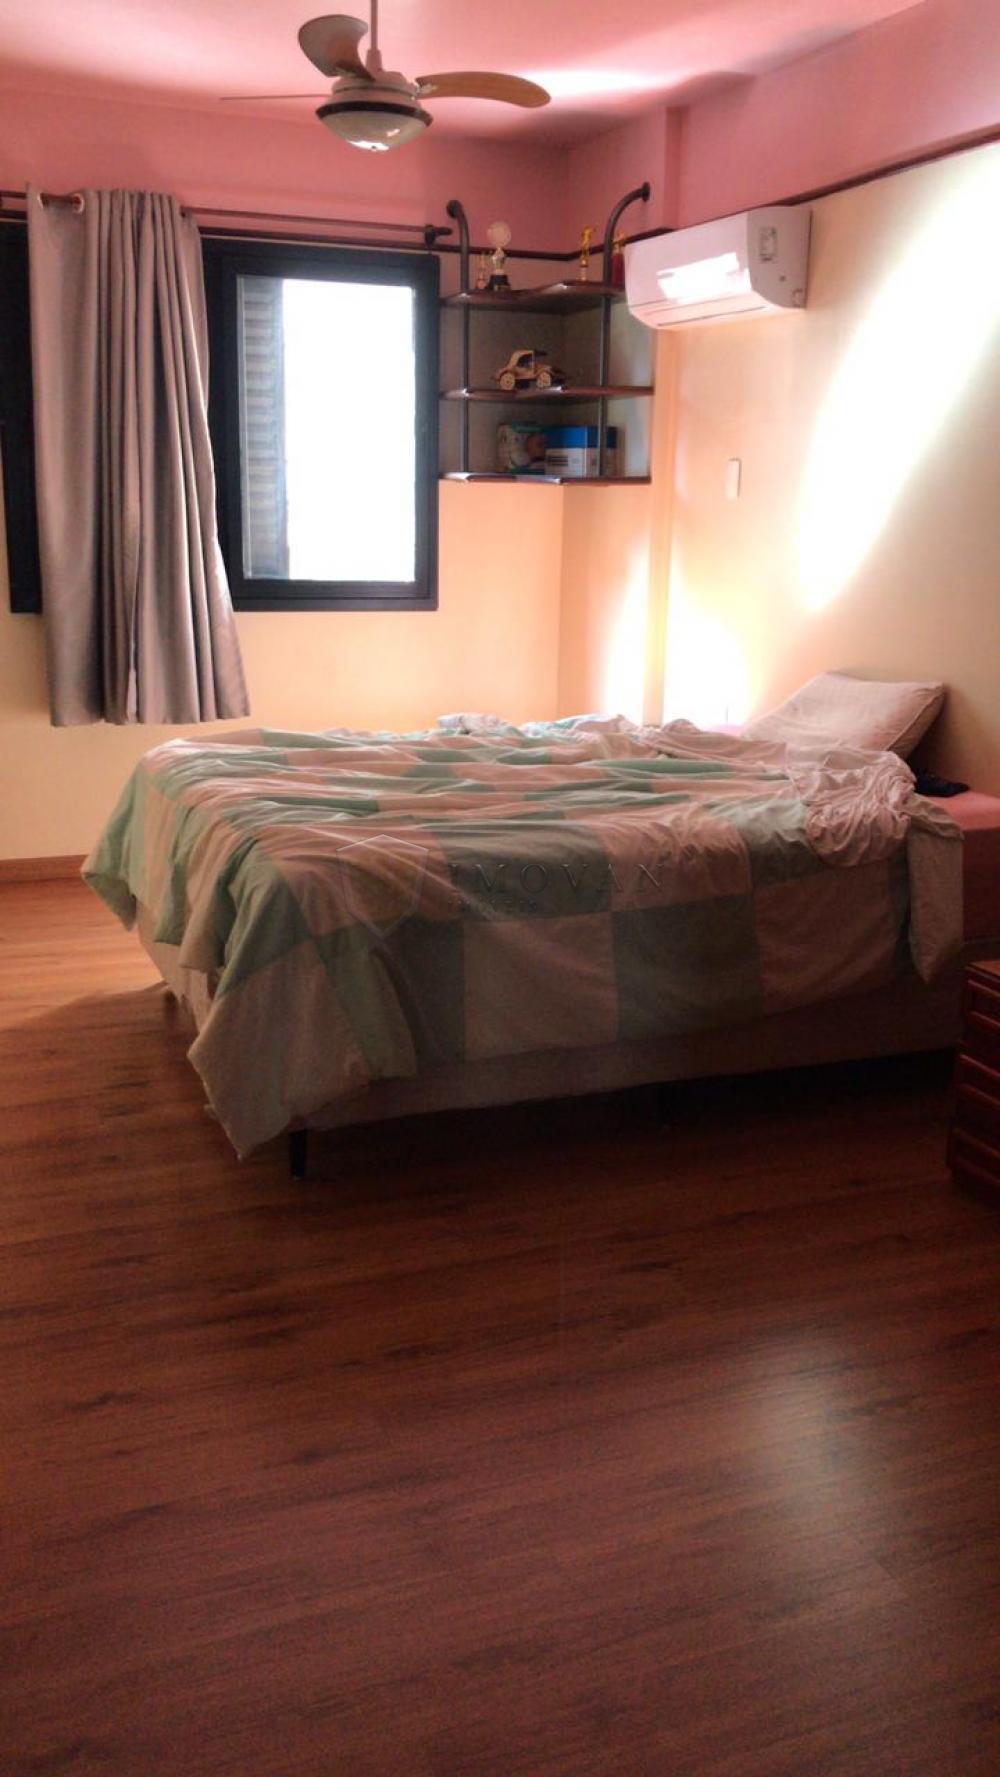 Comprar Apartamento / Padrão em Ribeirão Preto R$ 550.000,00 - Foto 8